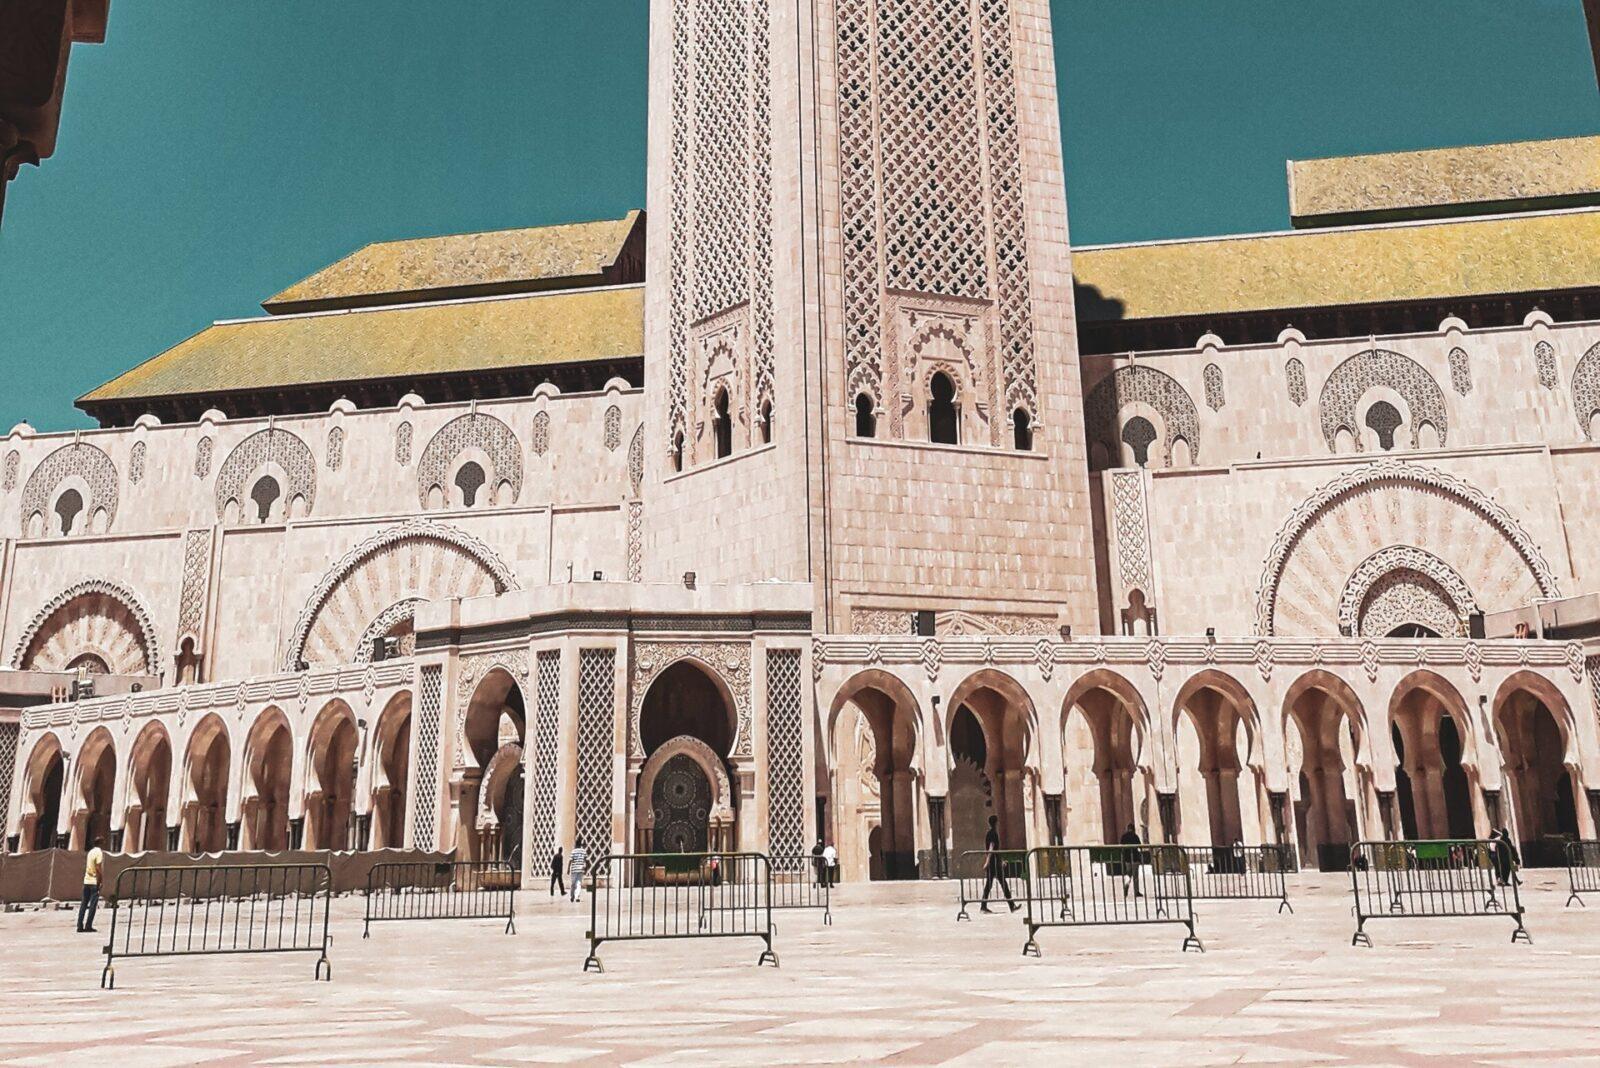 Luxury Morocco Tour 12 Days - Grand tour of Morocco 12 days